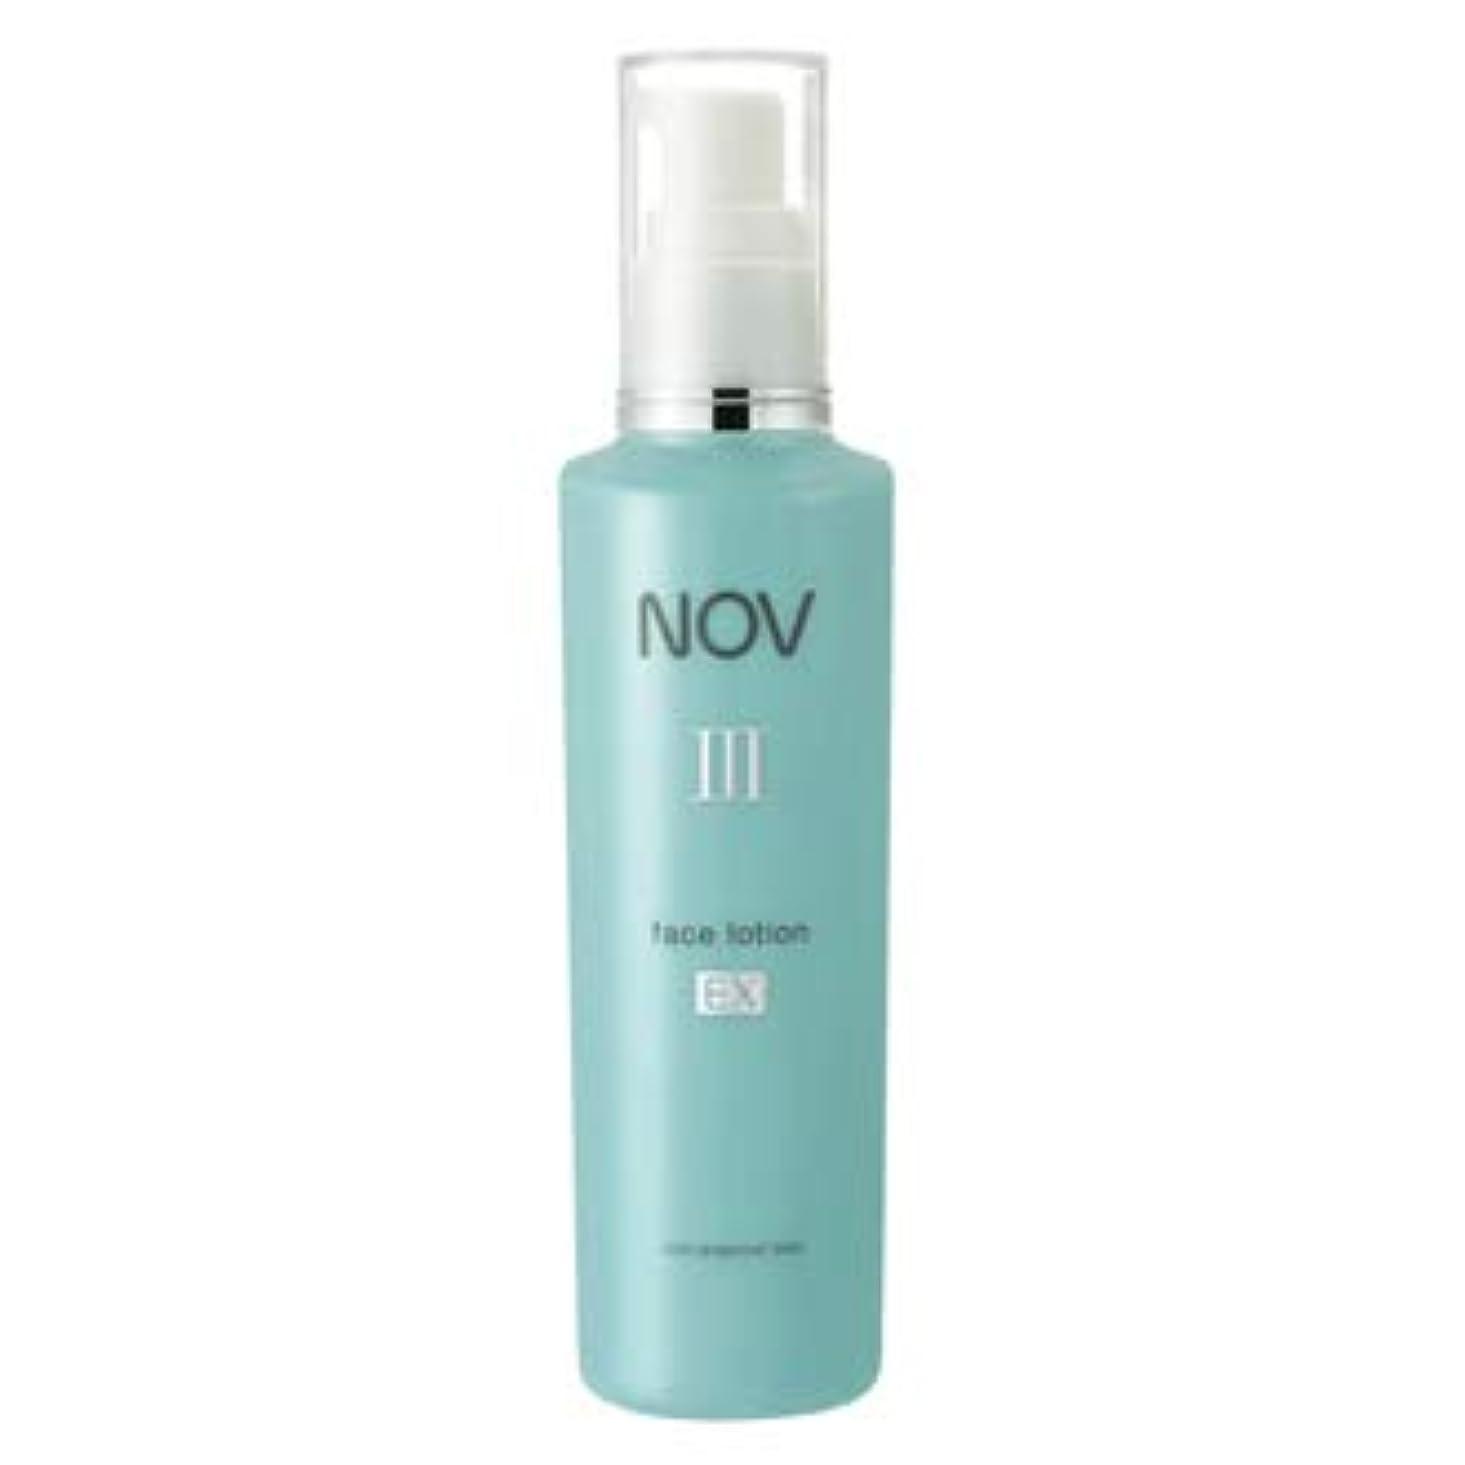 投げる最高開発ノブ Ⅲ フェイスローション EX 120ml 高保湿化粧水 [並行輸入品]